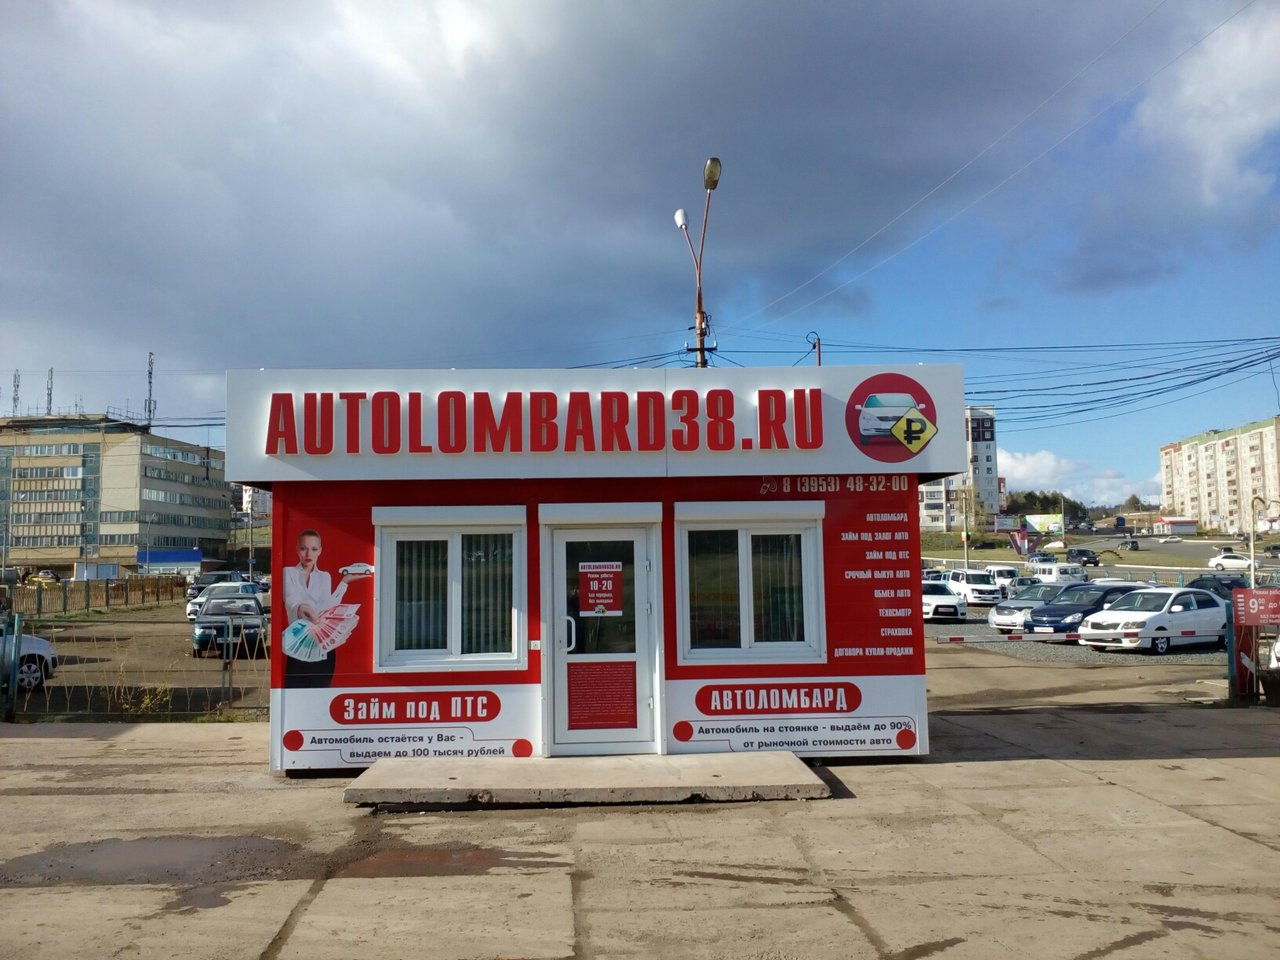 Автоломбард иркутск каталог авто автоломбард купить машину иркутск